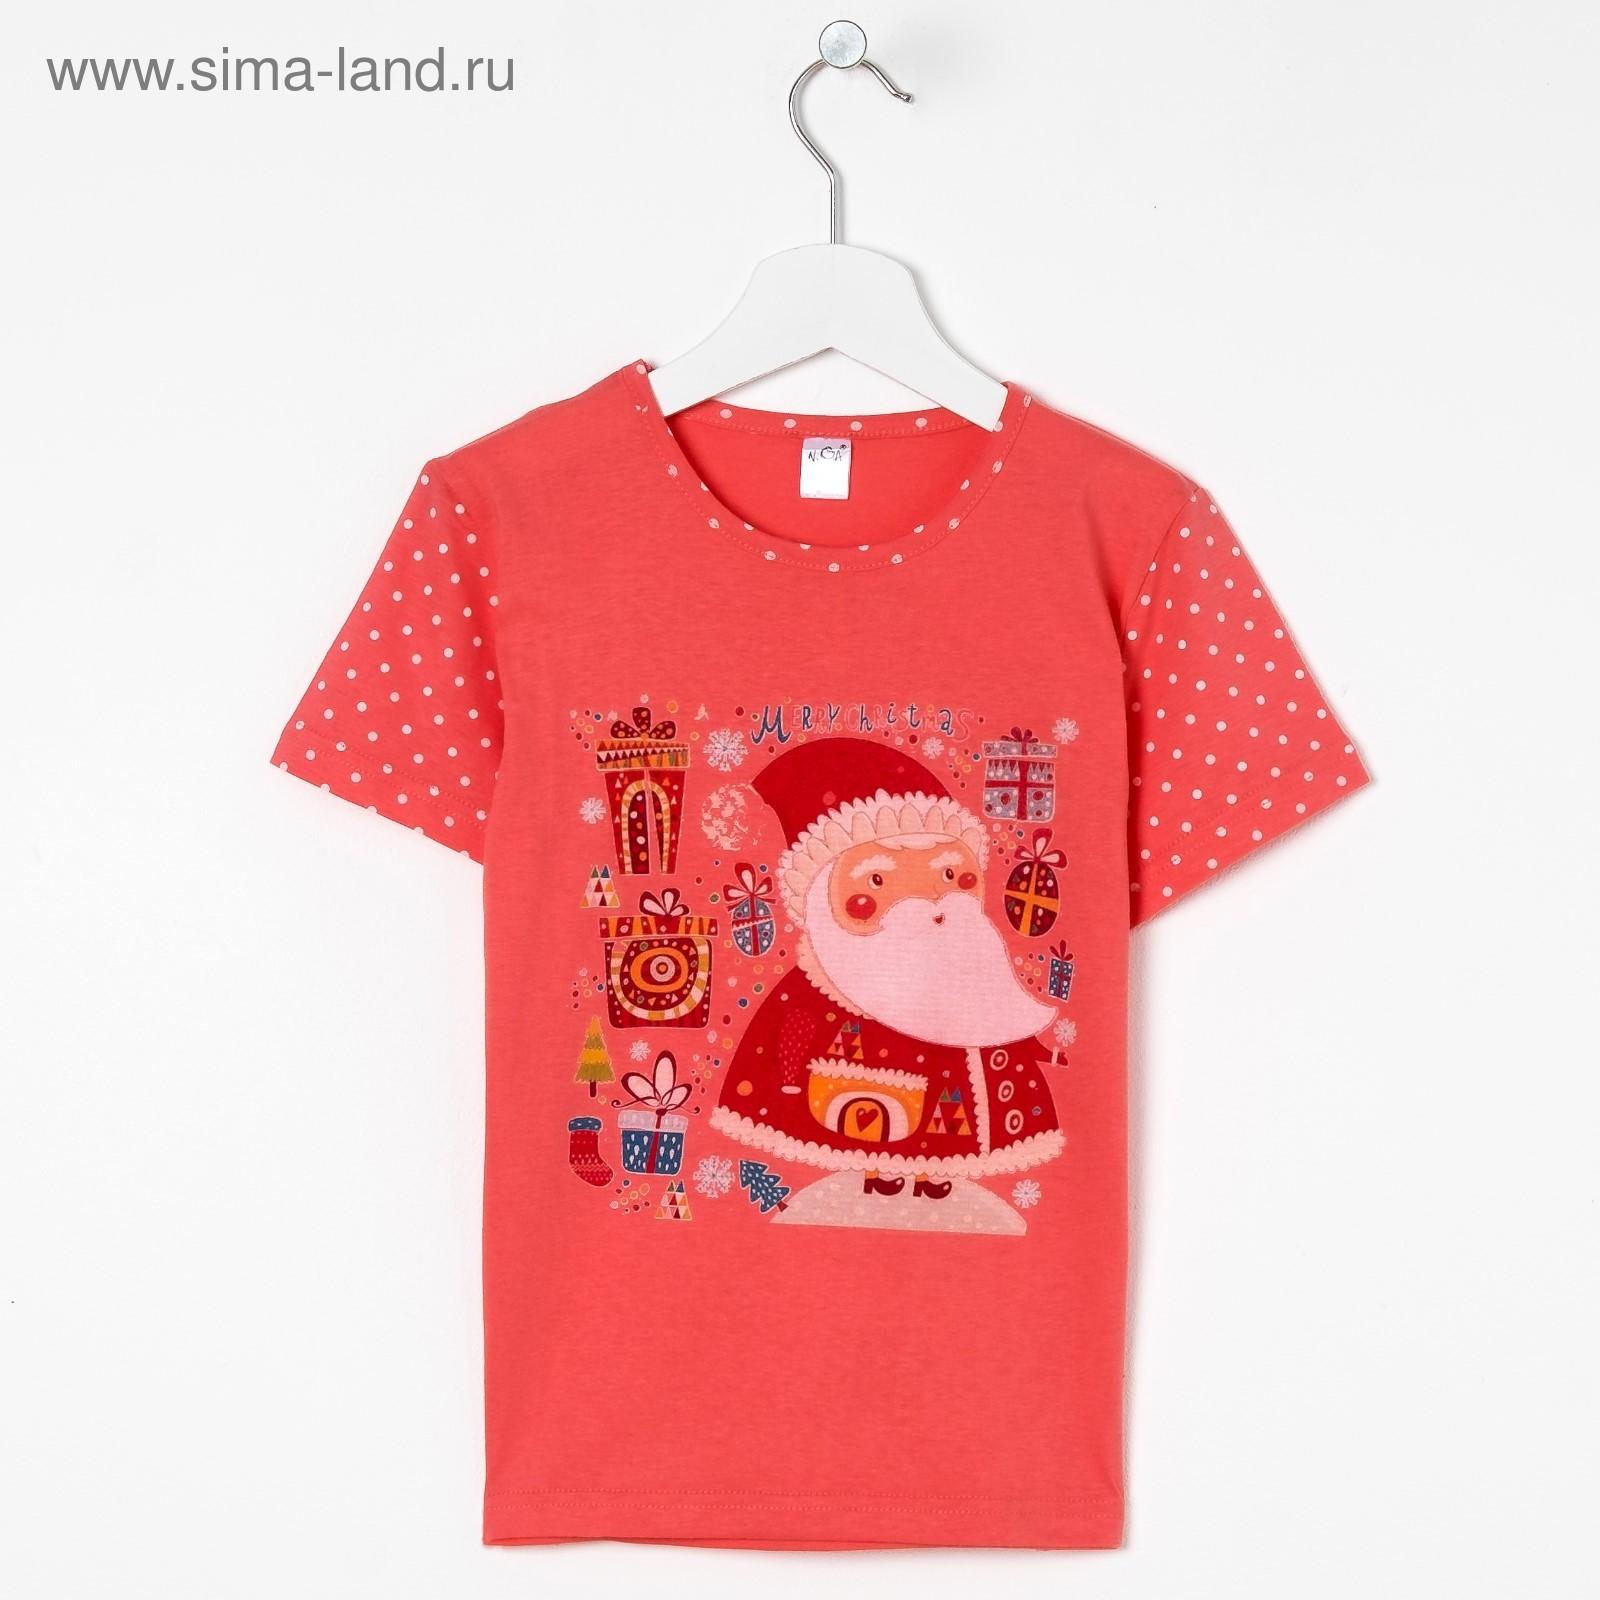 Футболка для девочки, цвет розовый, рост 128-134 см (36) (11061 ... 393009e90c4